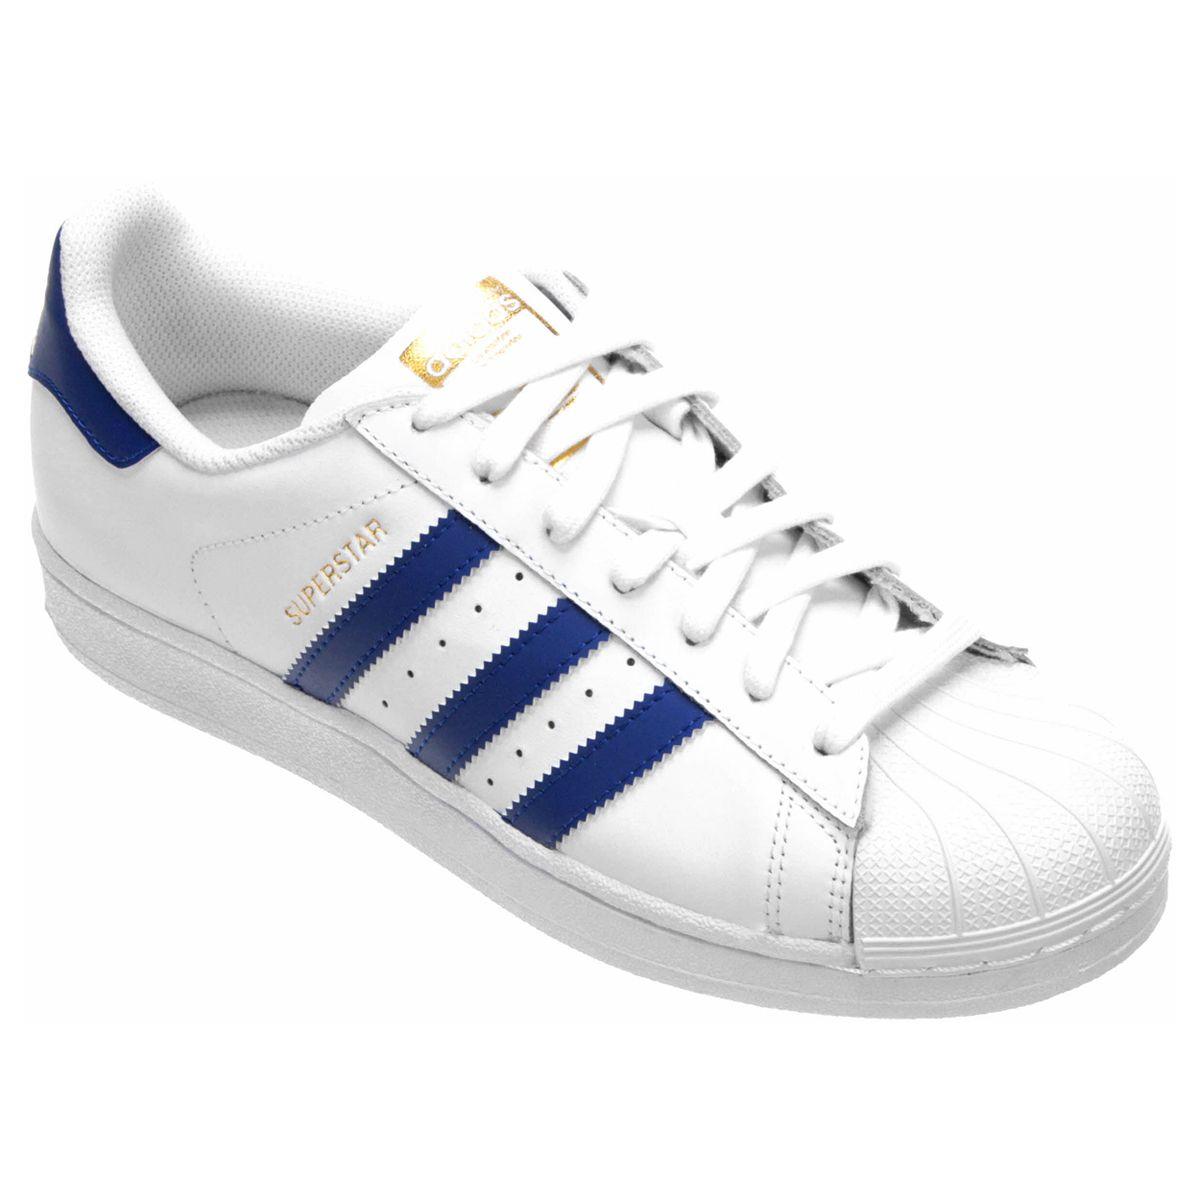 1ff29d528c3 Tênis Adidas Superstar Foundation Branco e Preto